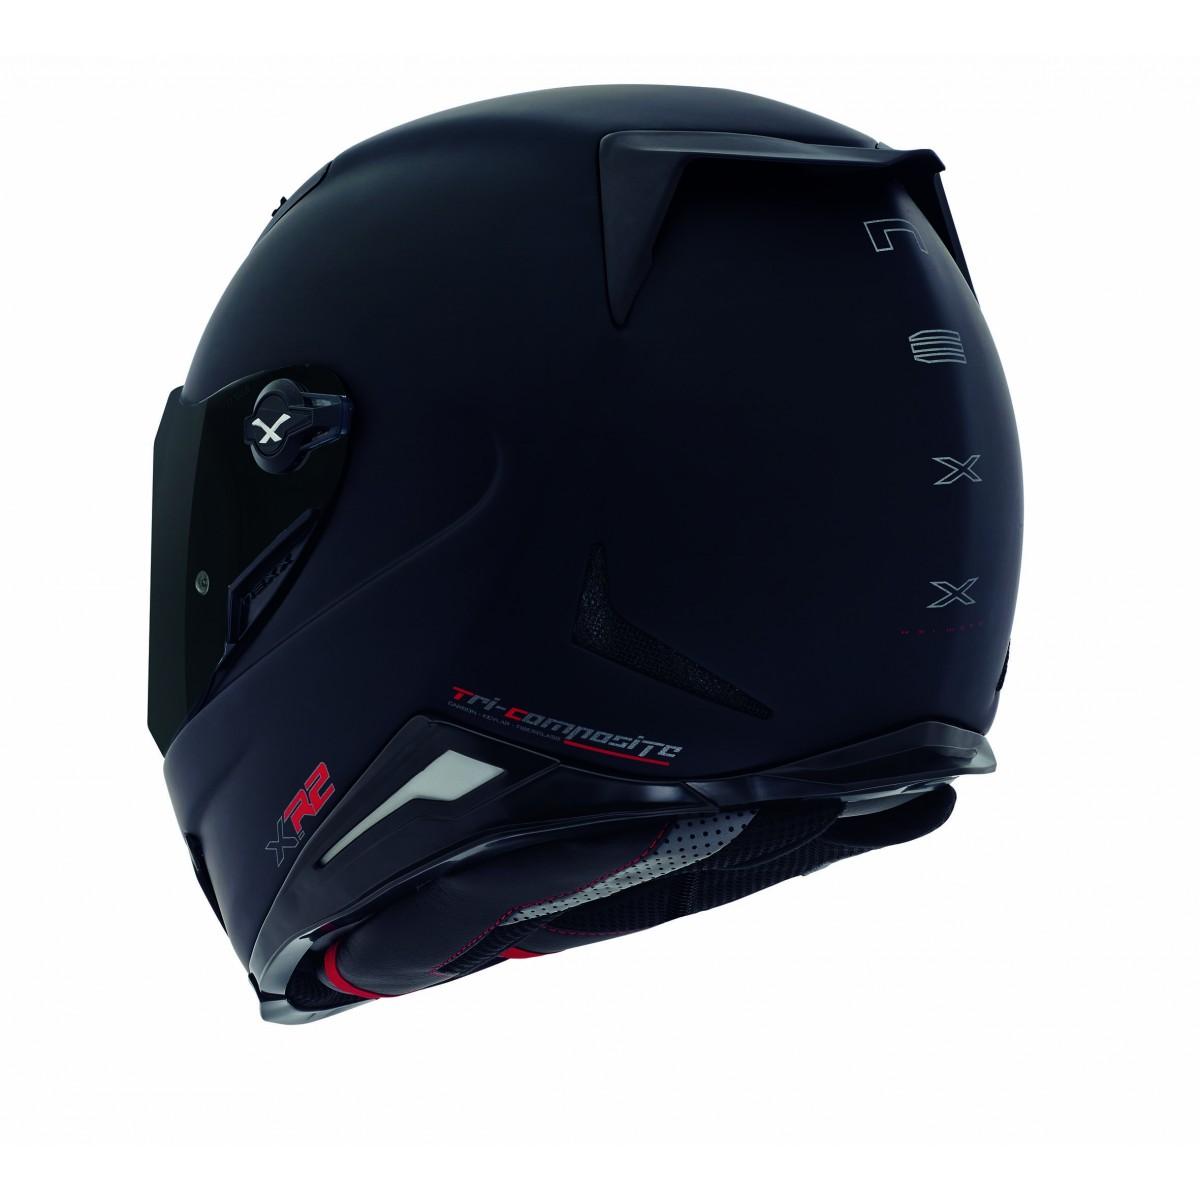 Capacete Nexx XR2 Plain Preto Fosco  - Super Bike - Loja Oficial Alpinestars